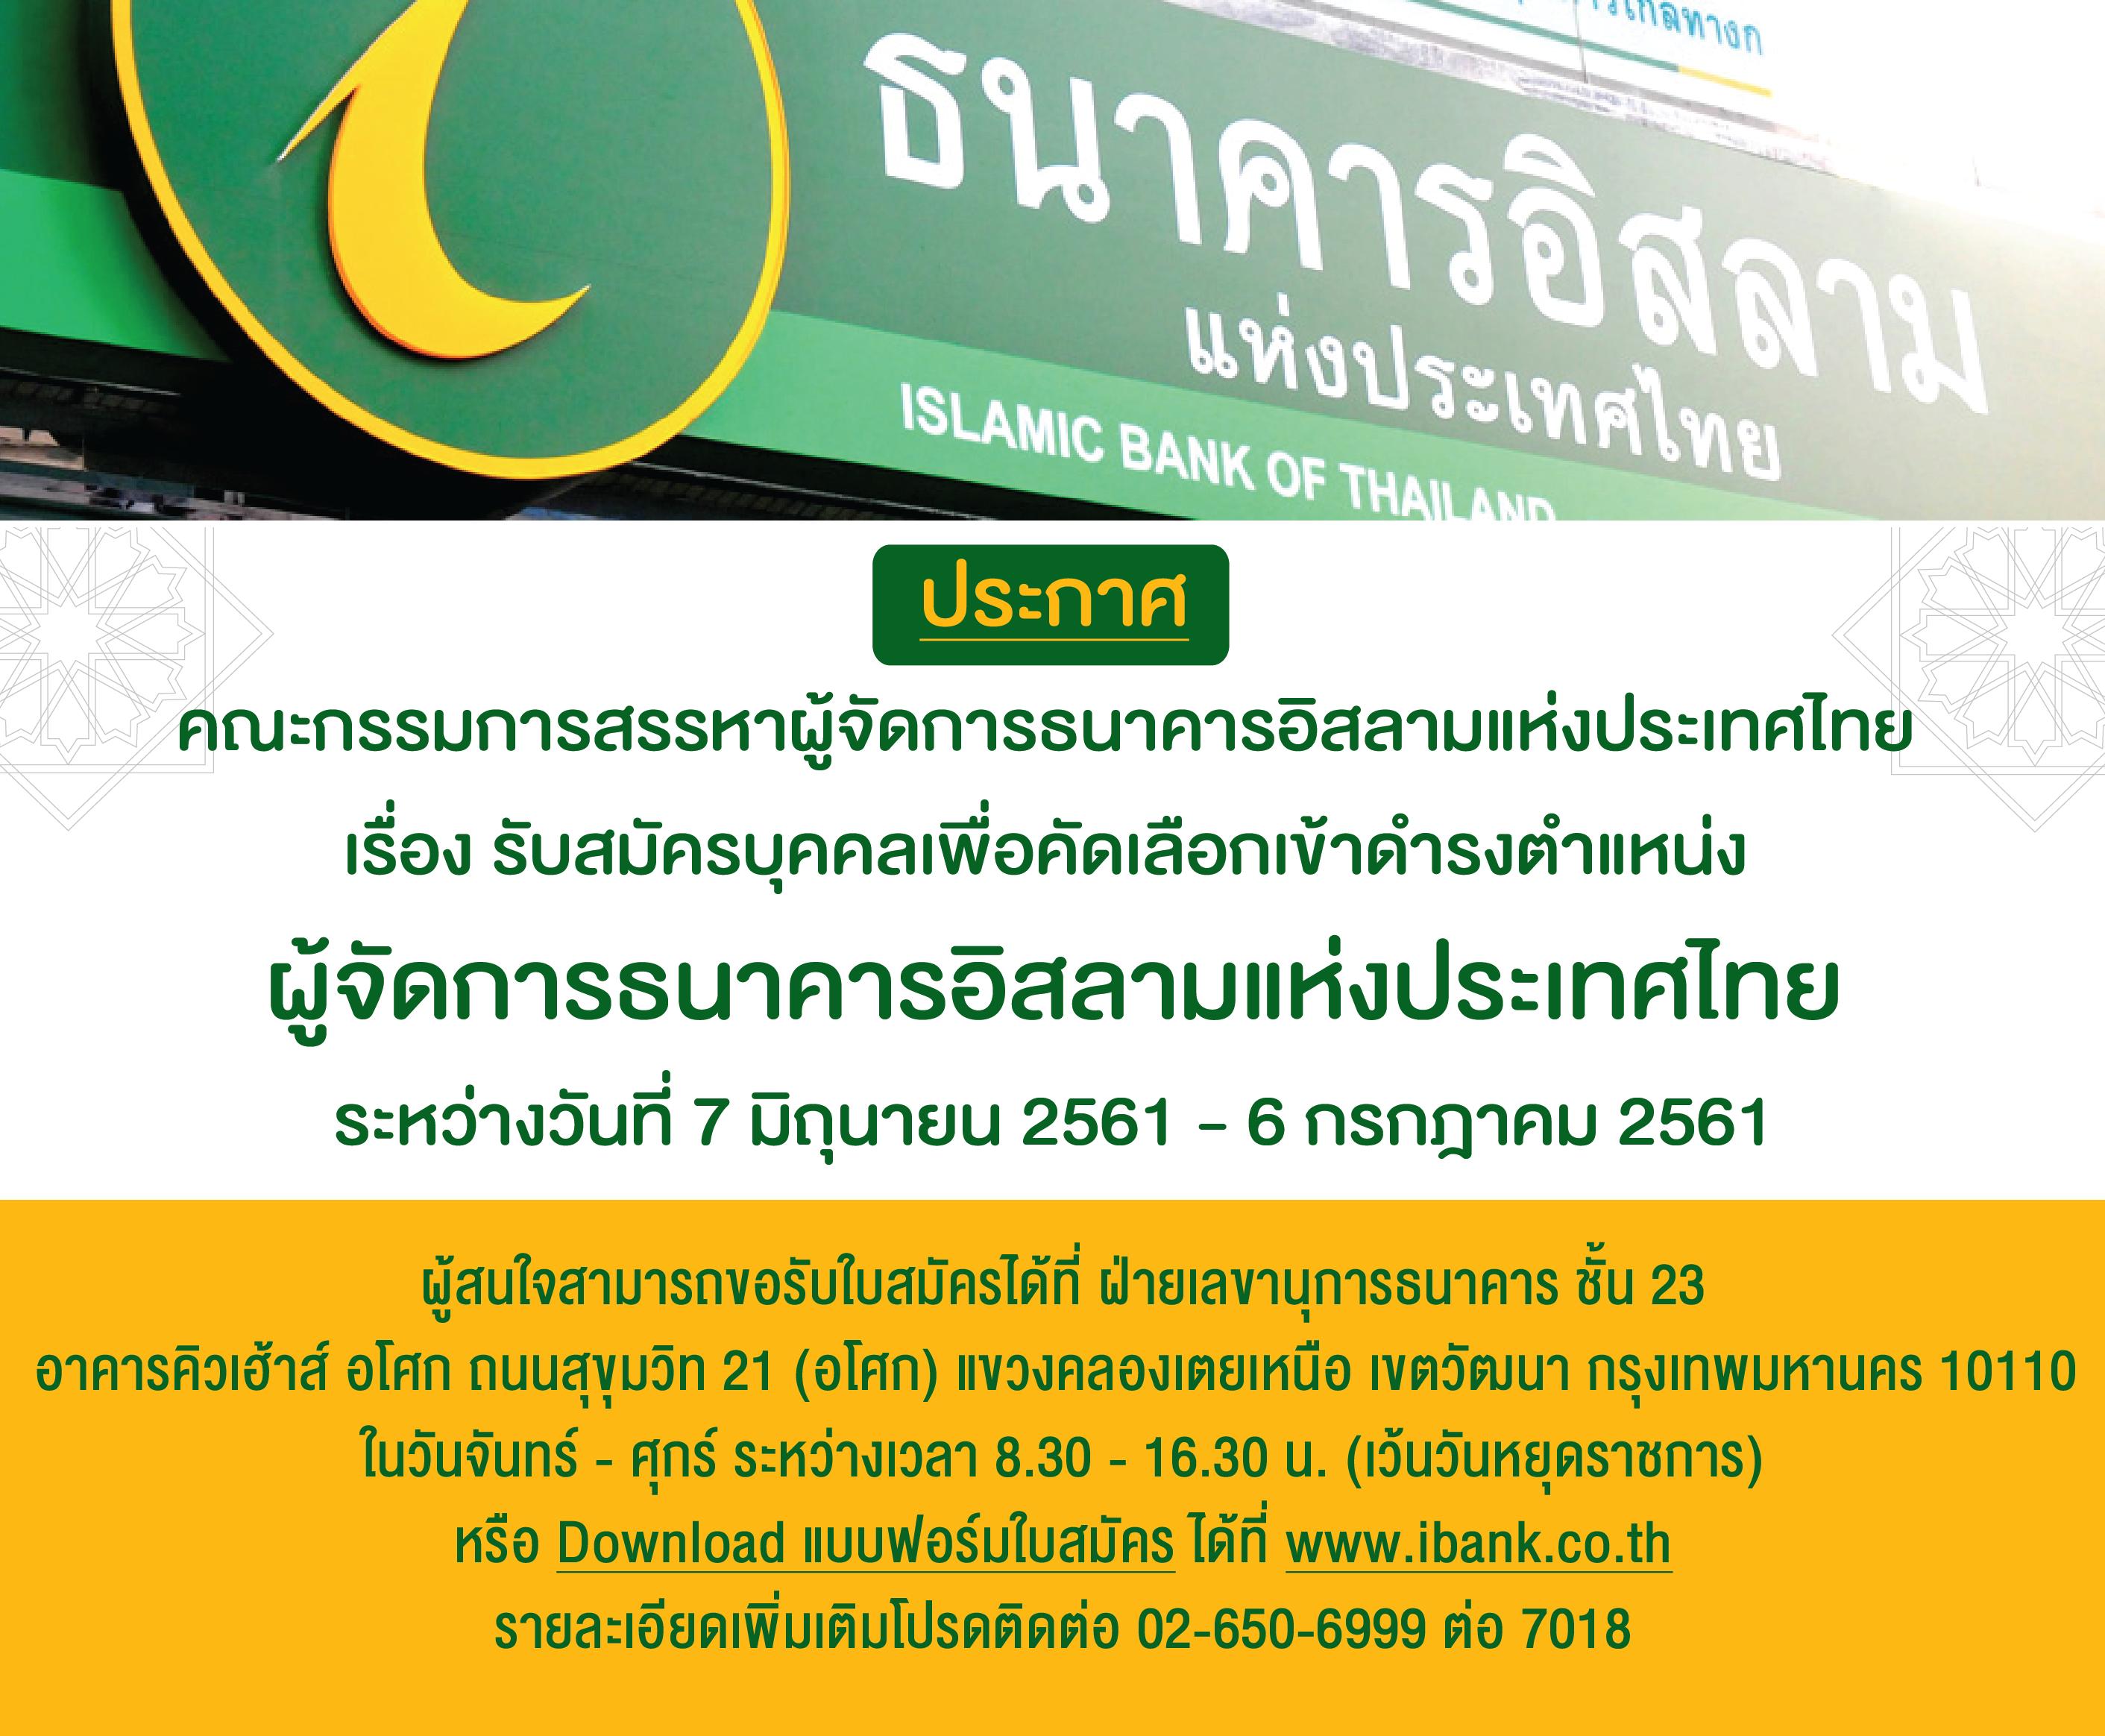 ไอแบงก์ประกาศรับสมัคร ผู้จัดการธนาคารอิสลามแห่งประเทศไทย